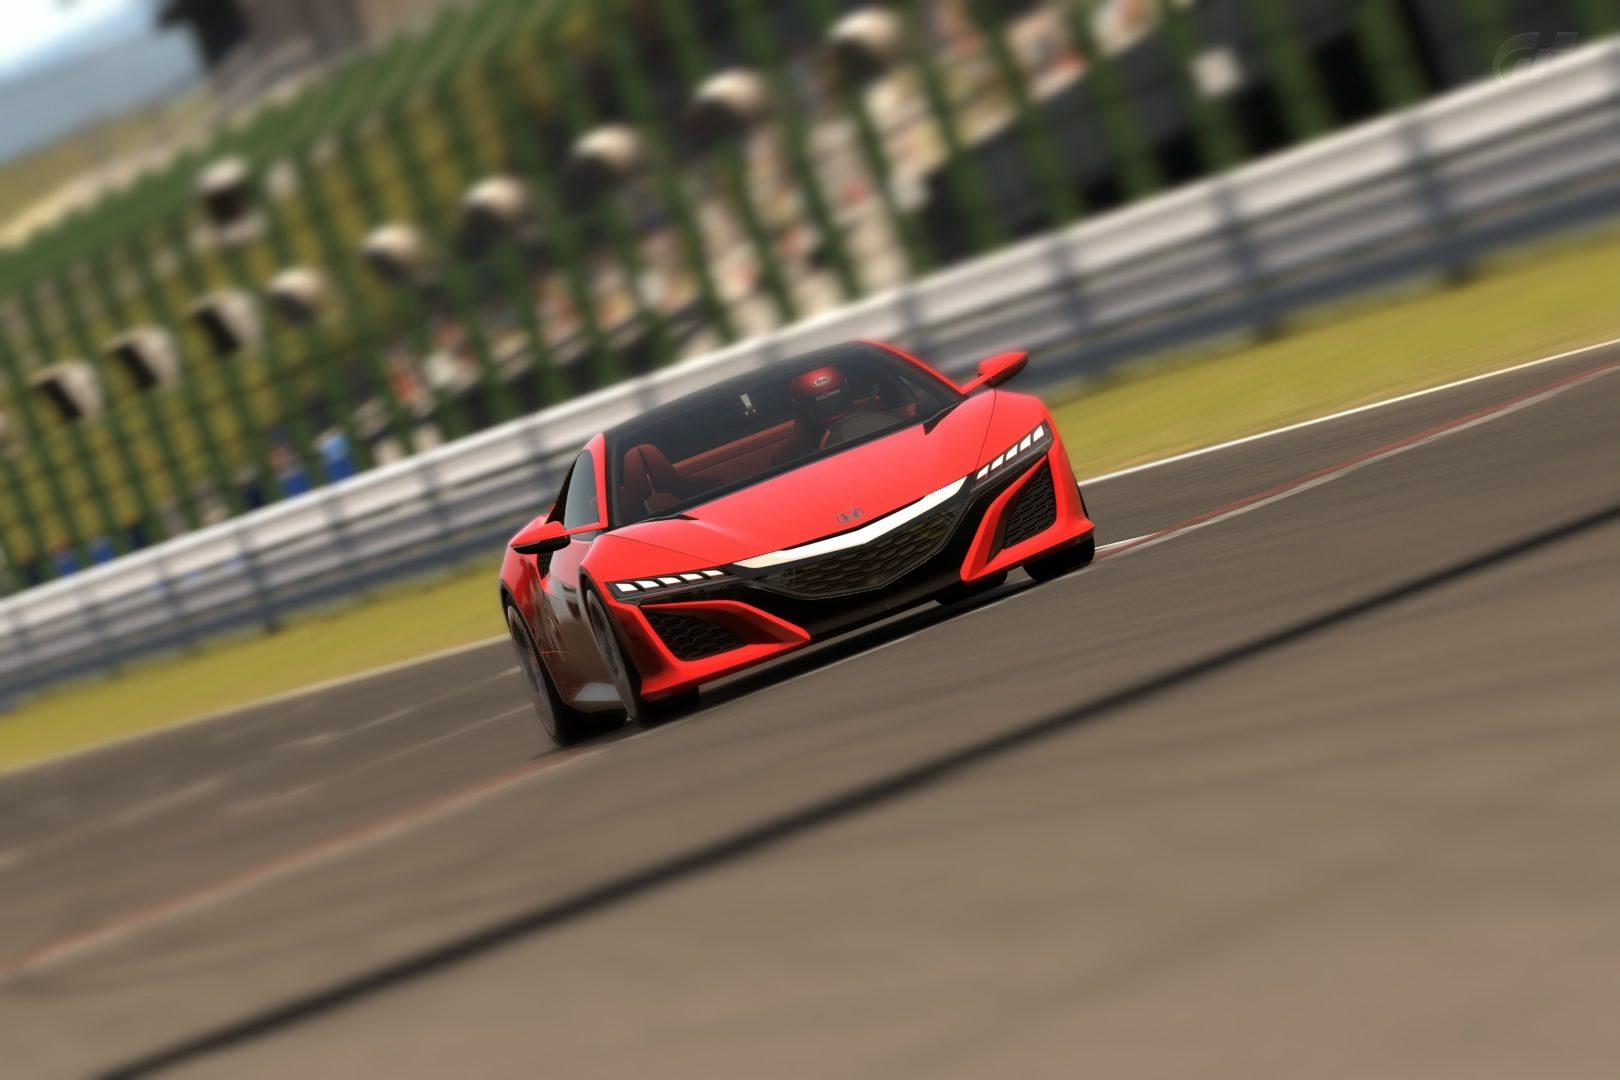 Honda NSX Concept '13 (Car).jpg